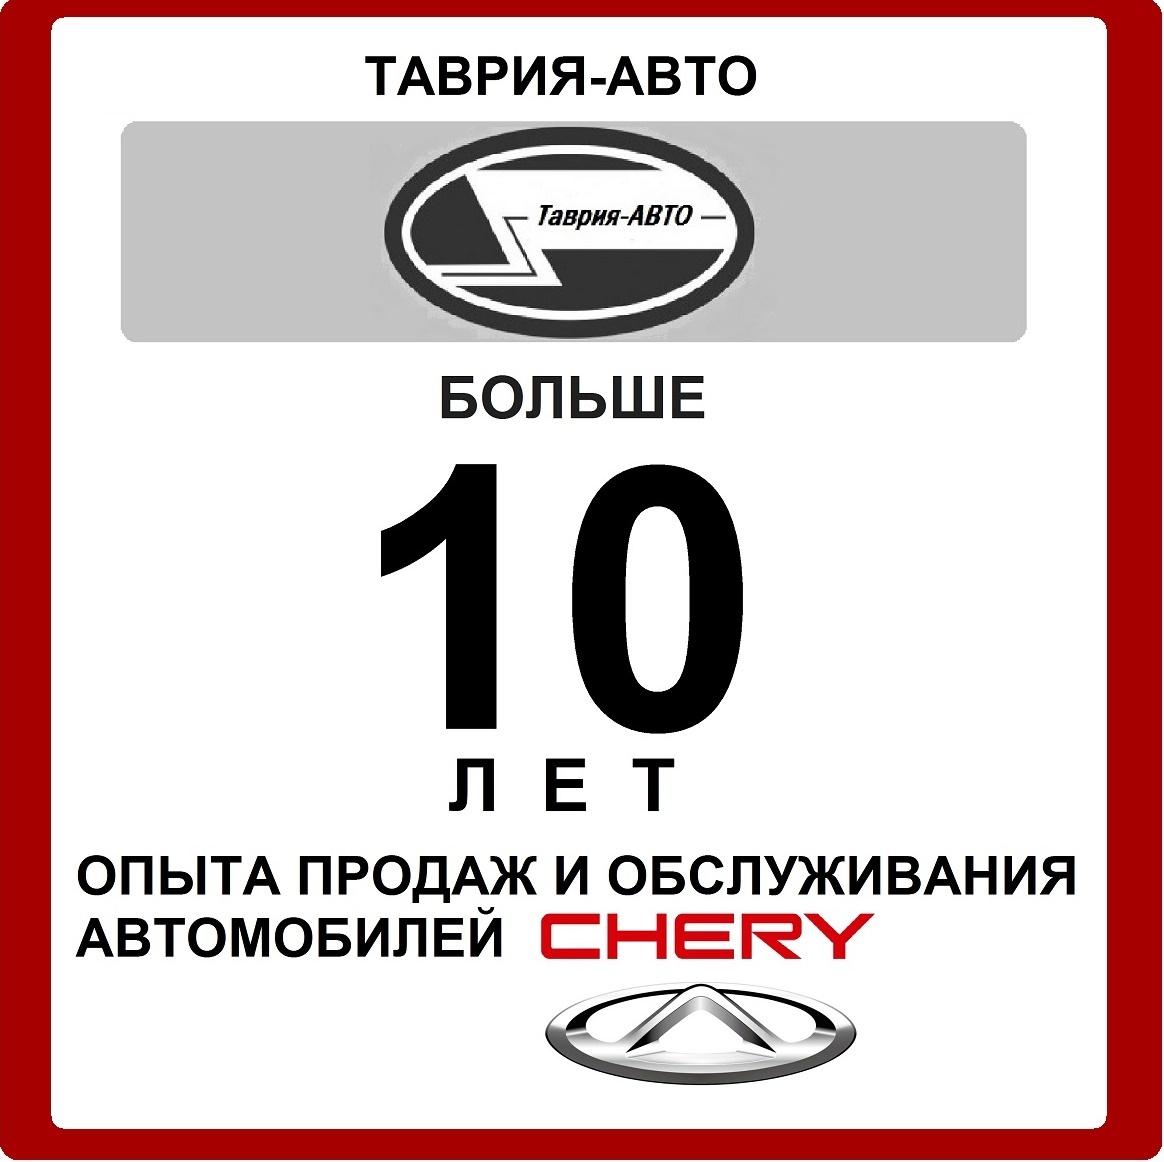 Как дать объявление по городу симферополю подать объявление в дмитровскую газету